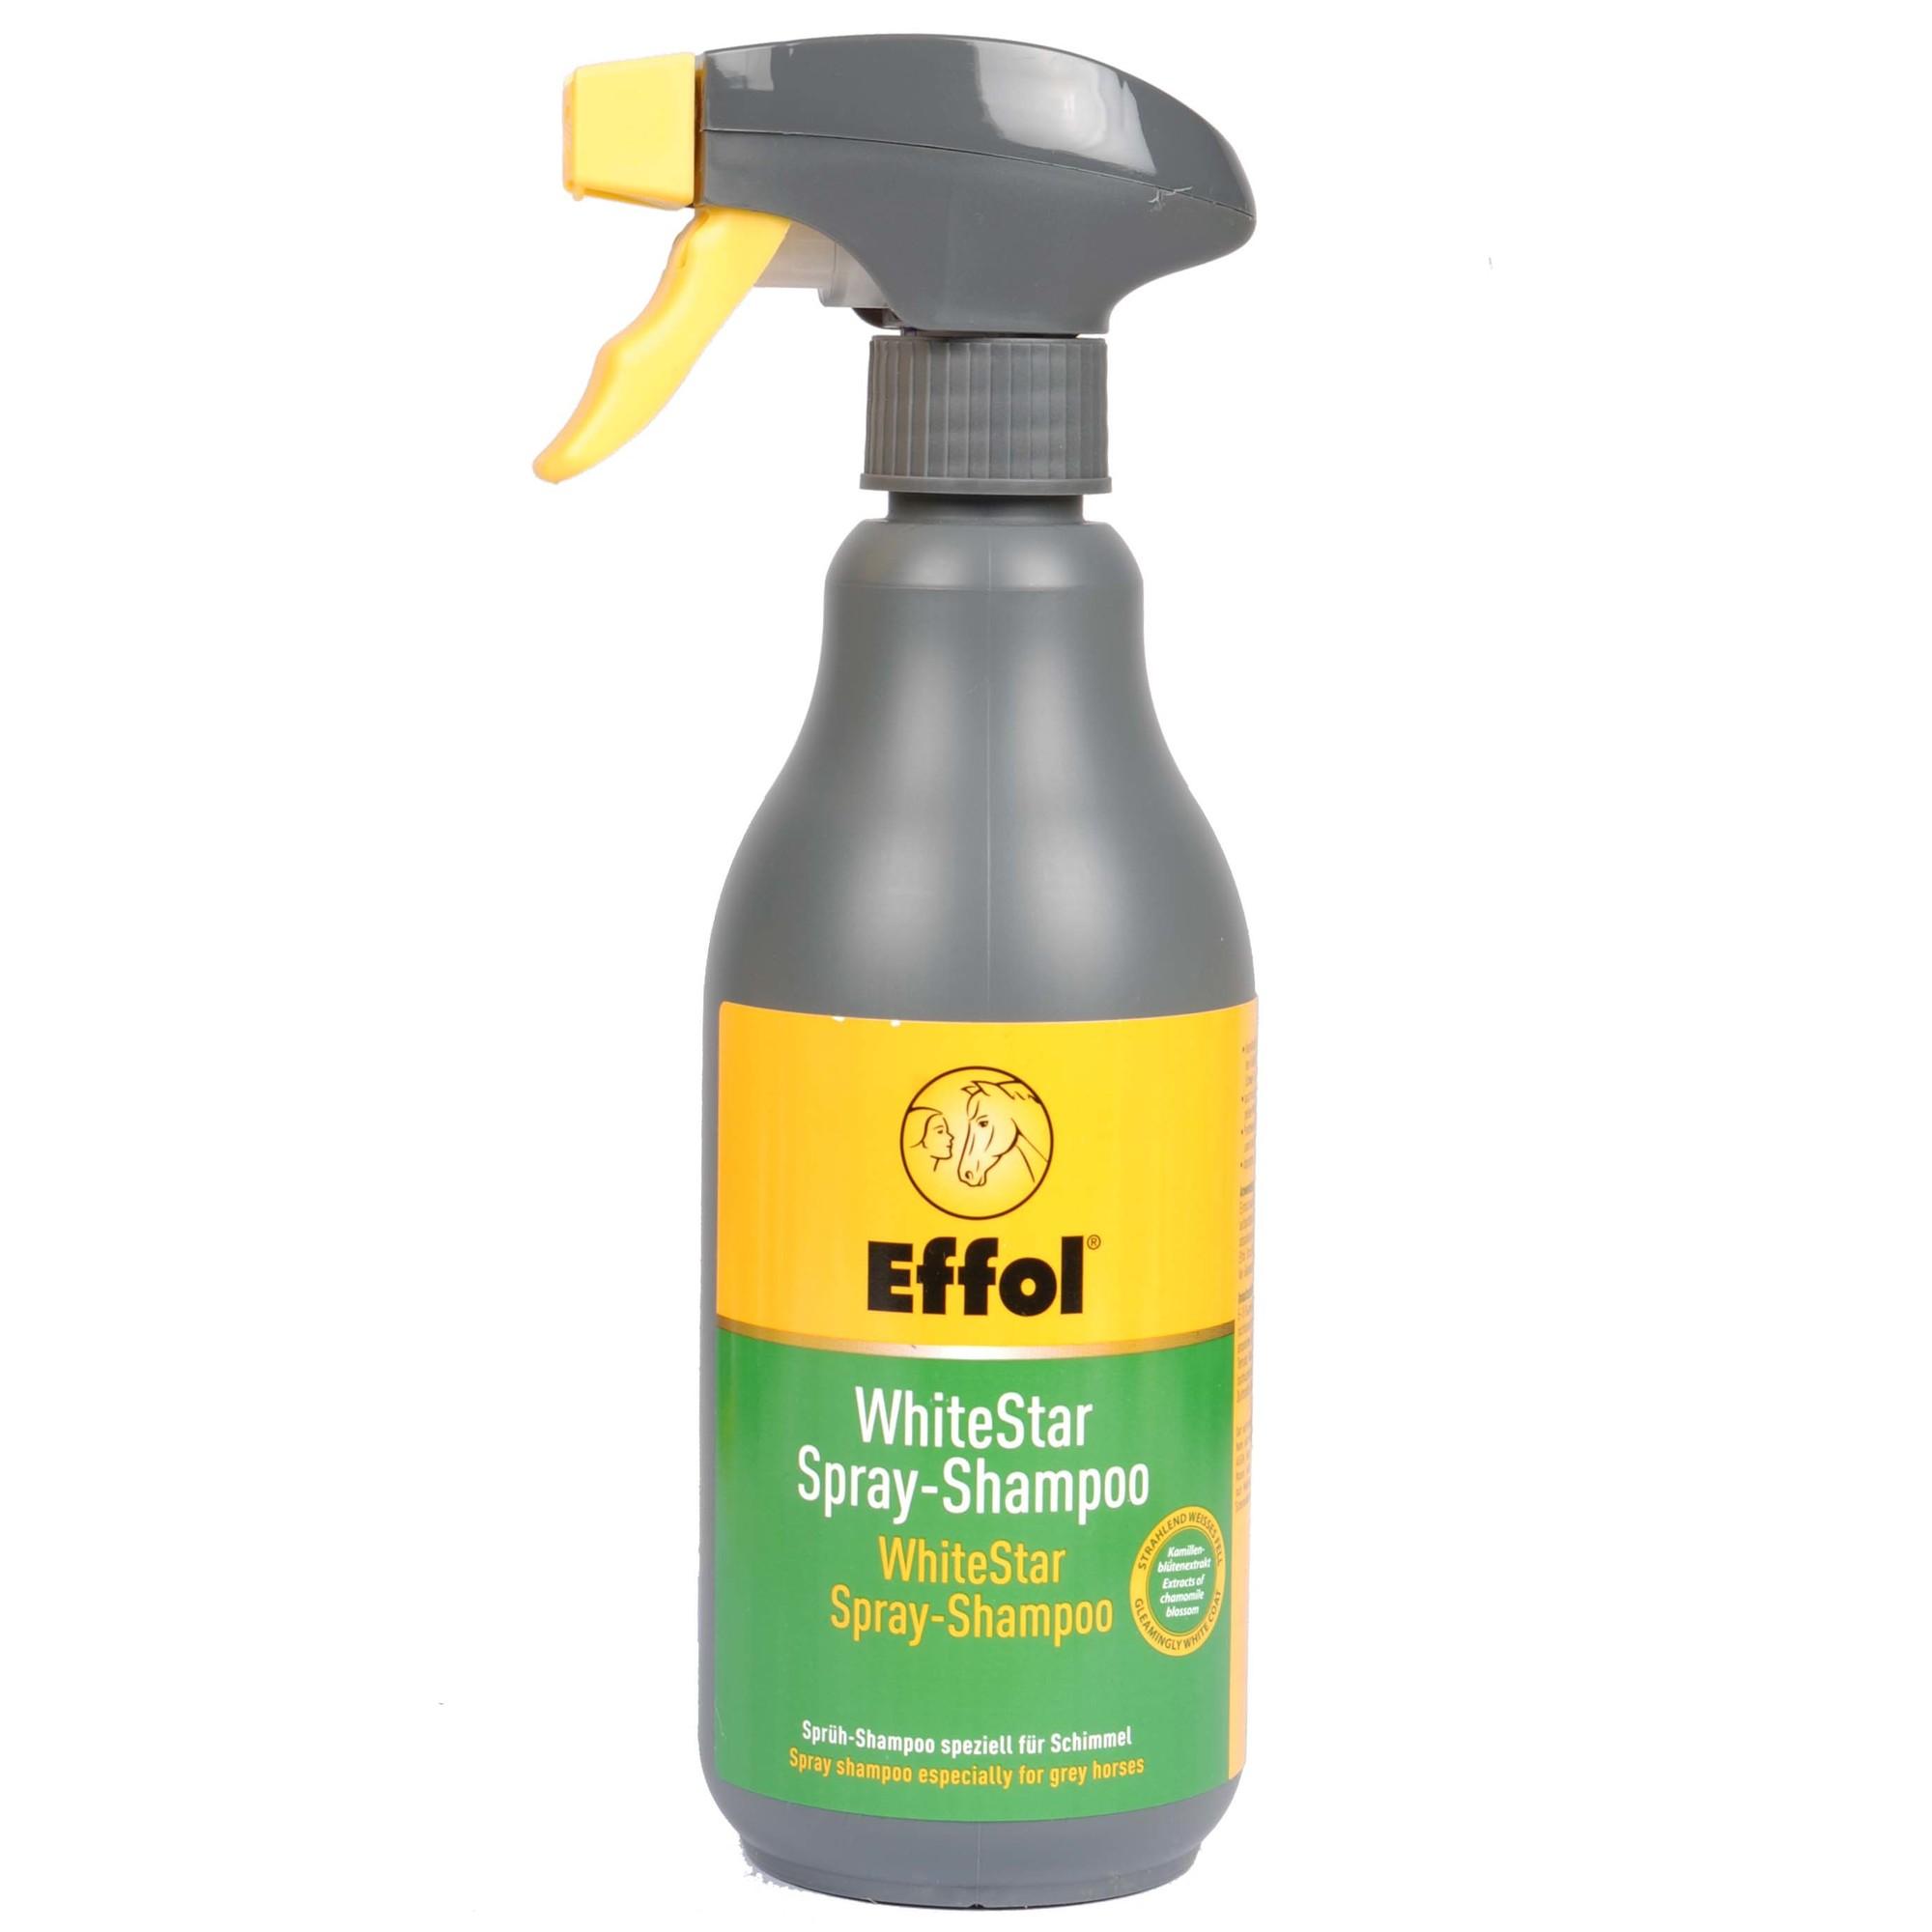 Effol I White Star Spray